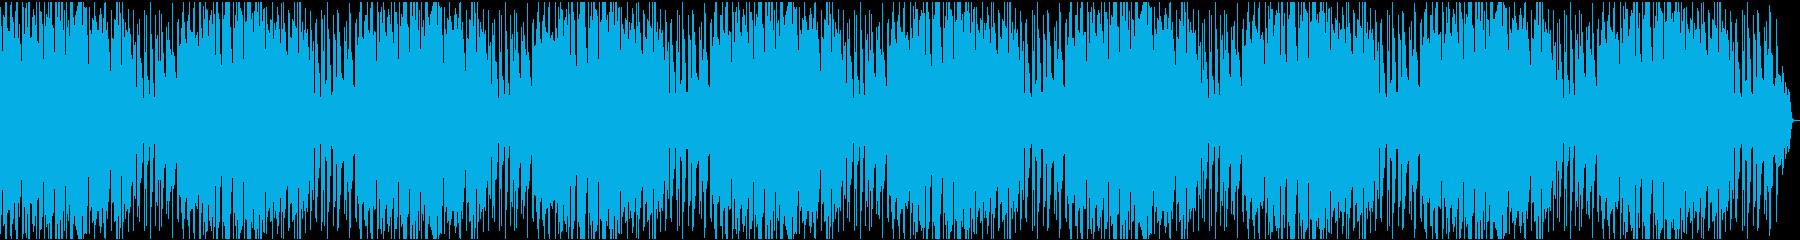 企業VP2 16分 16bit48kHzの再生済みの波形